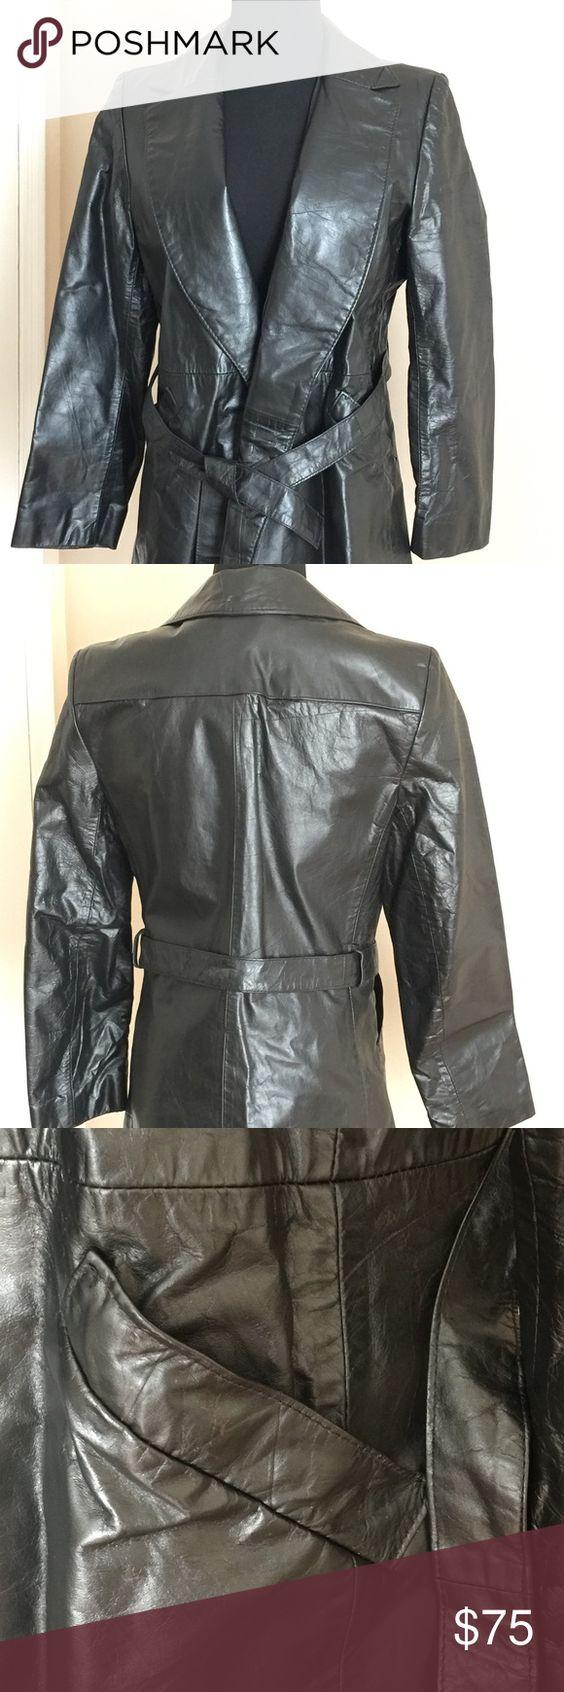 Leather jacket damage - Days Fits Vintage Leather Jacket Leather Jackets Belt Pockets Winters 100 Leather Damage Sides Jackets Coats